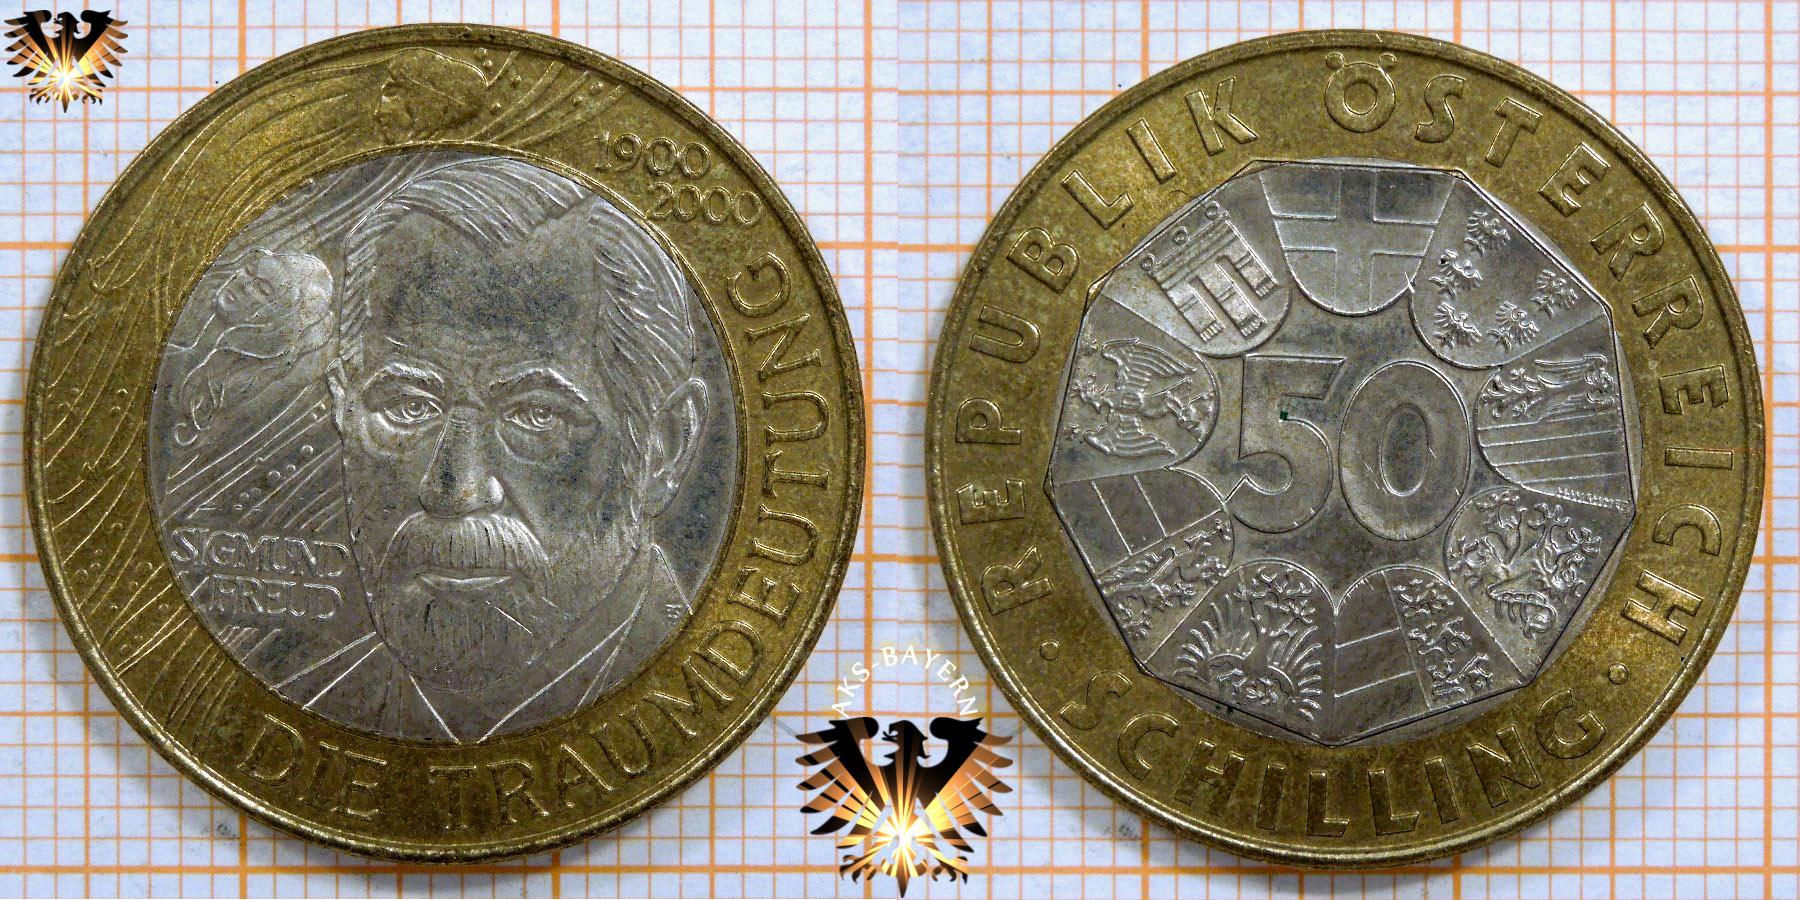 10 Schilling Münze 1975 Wert Ausreise Info